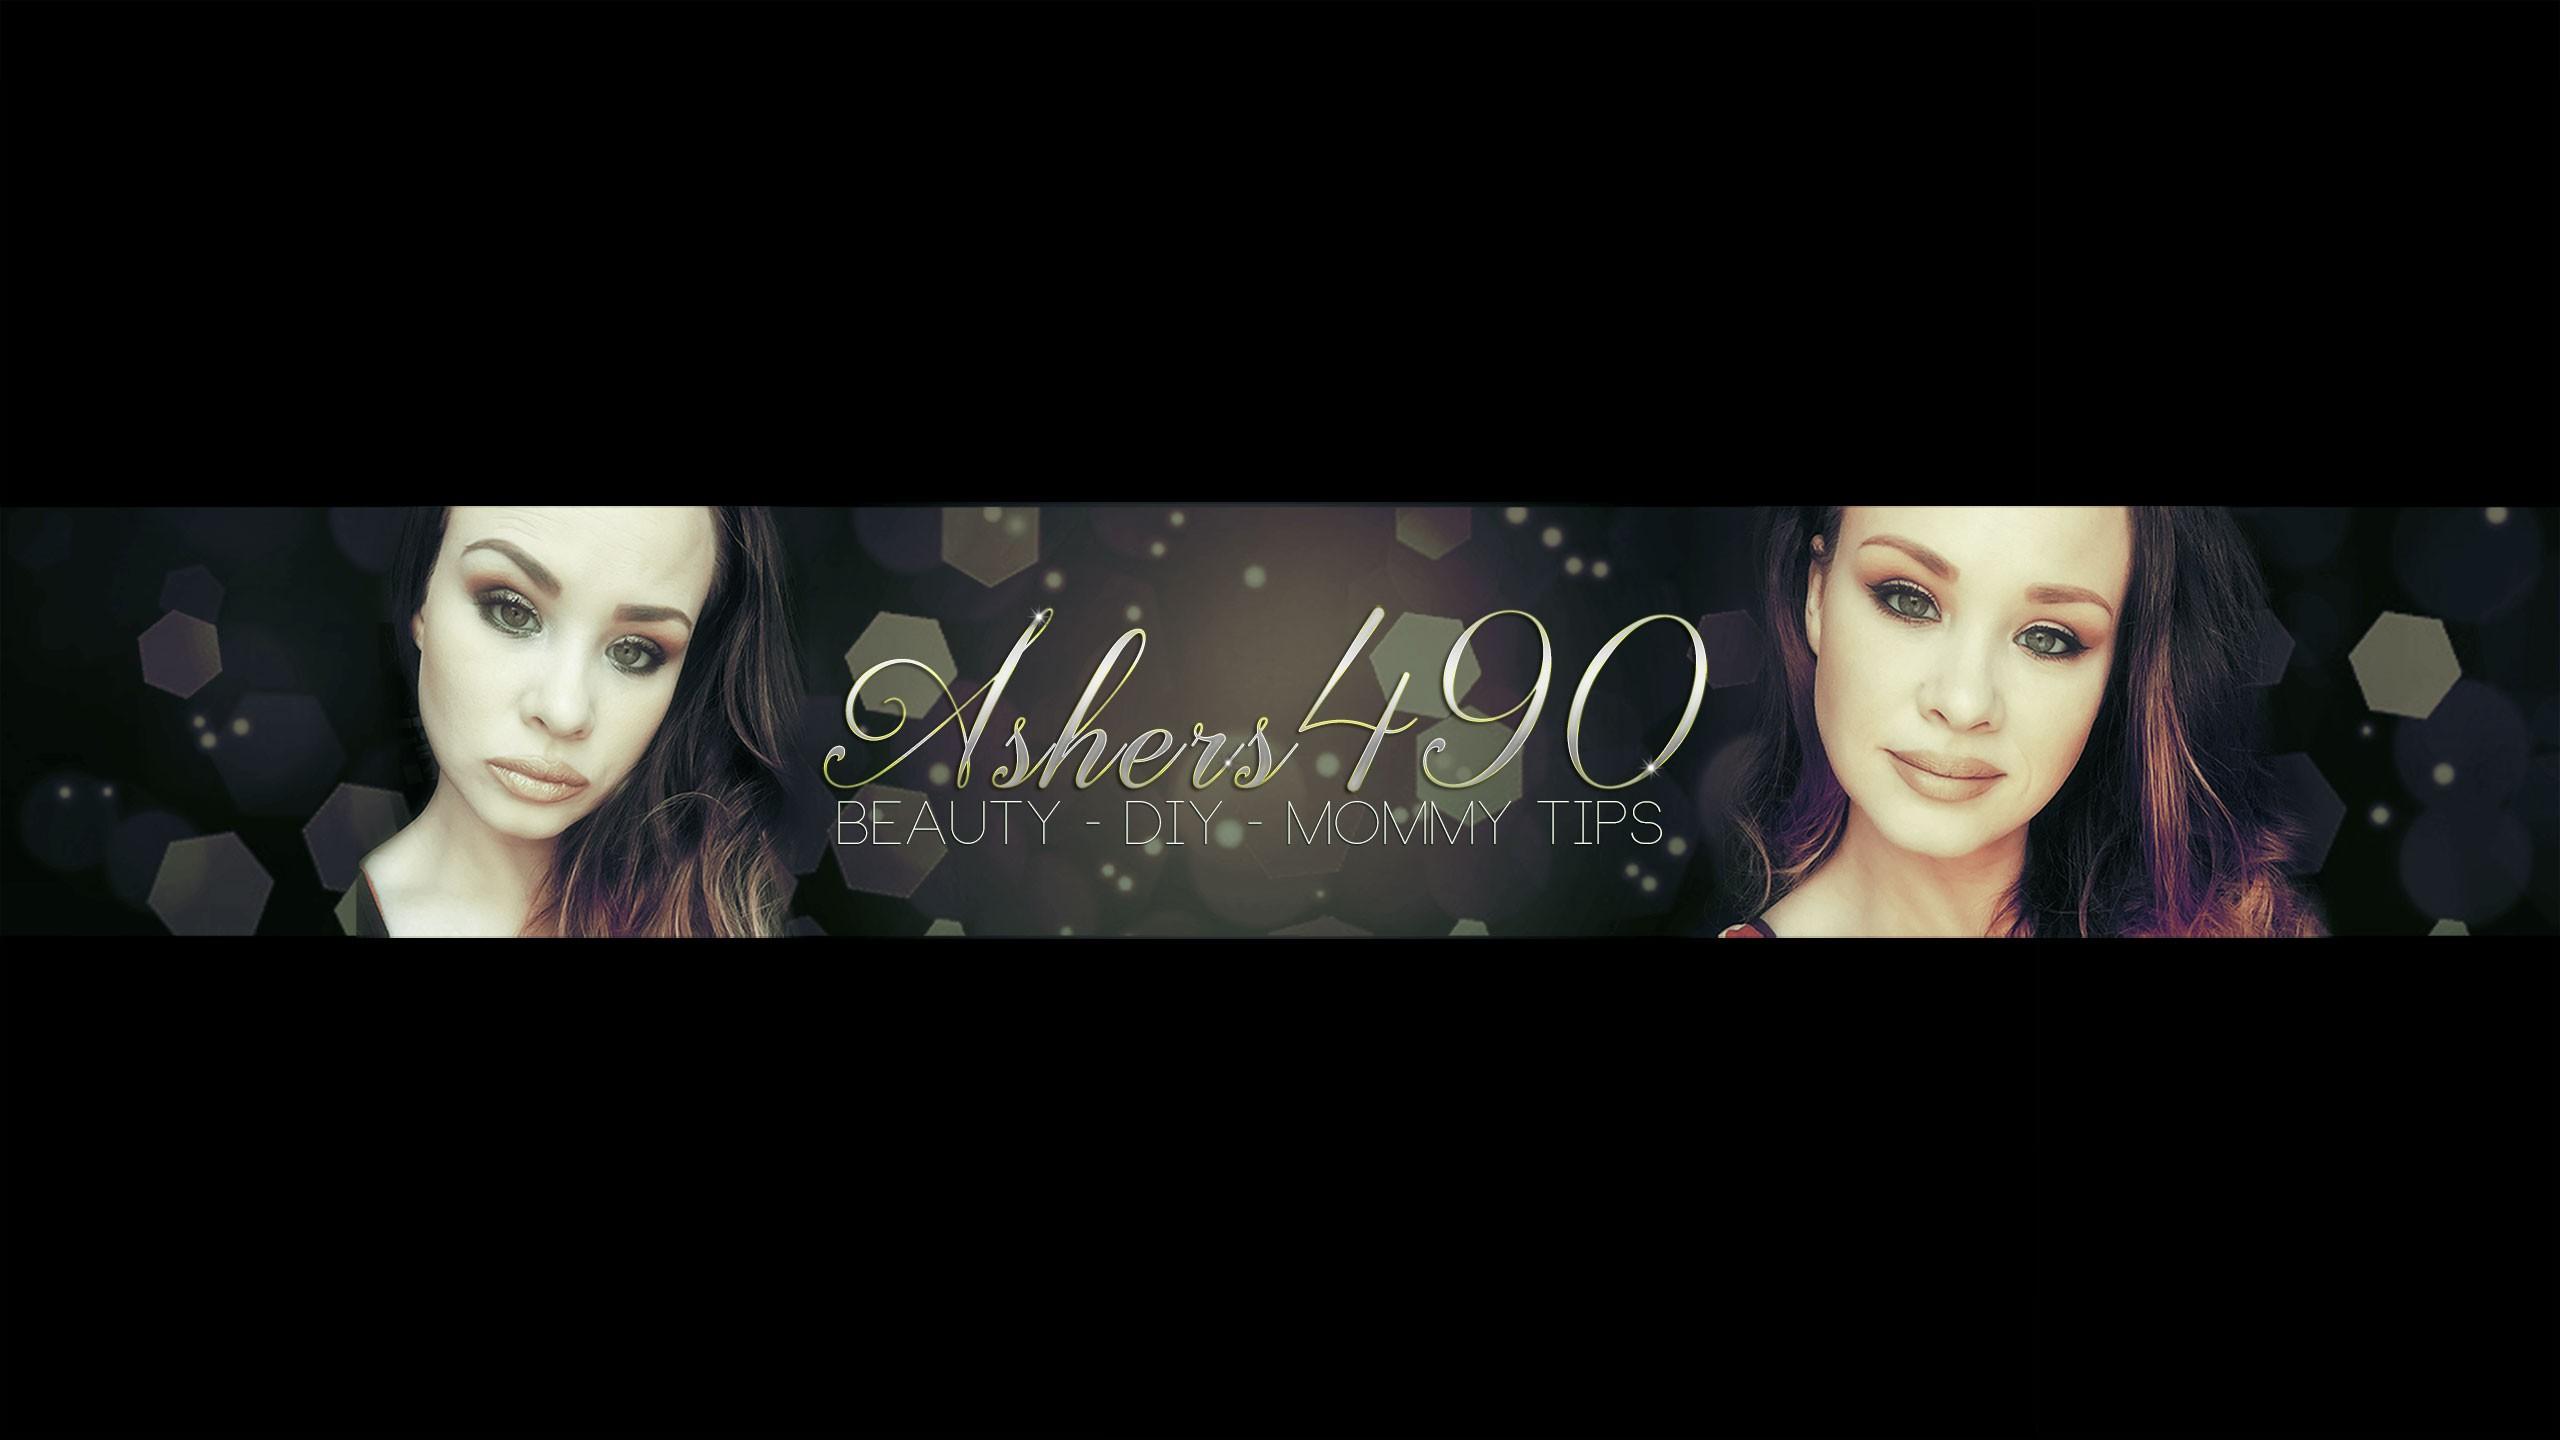 Ashers490 Youtube webpage design